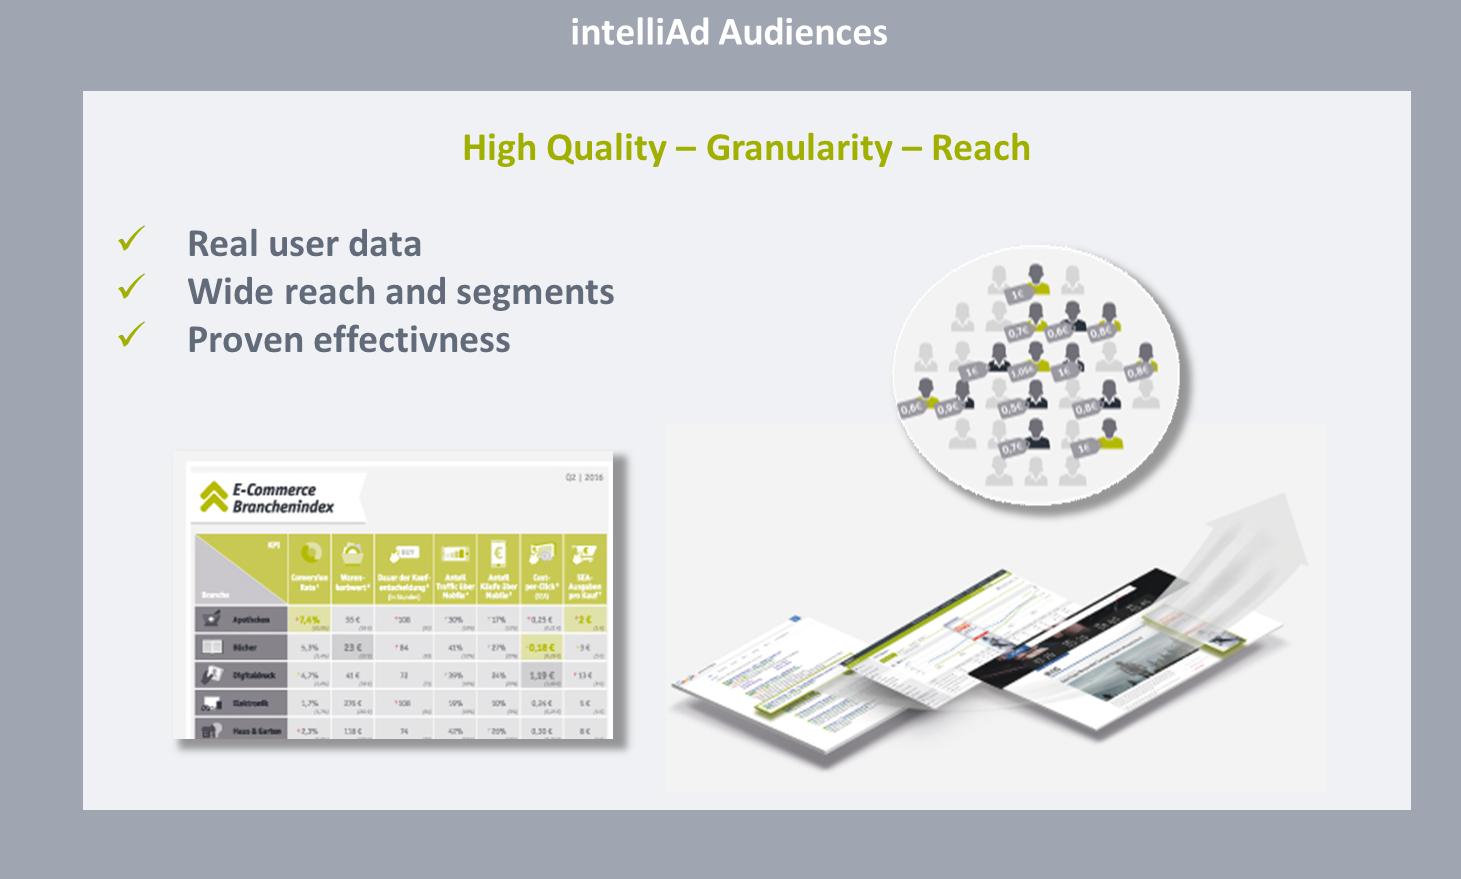 intelliAd Audiences